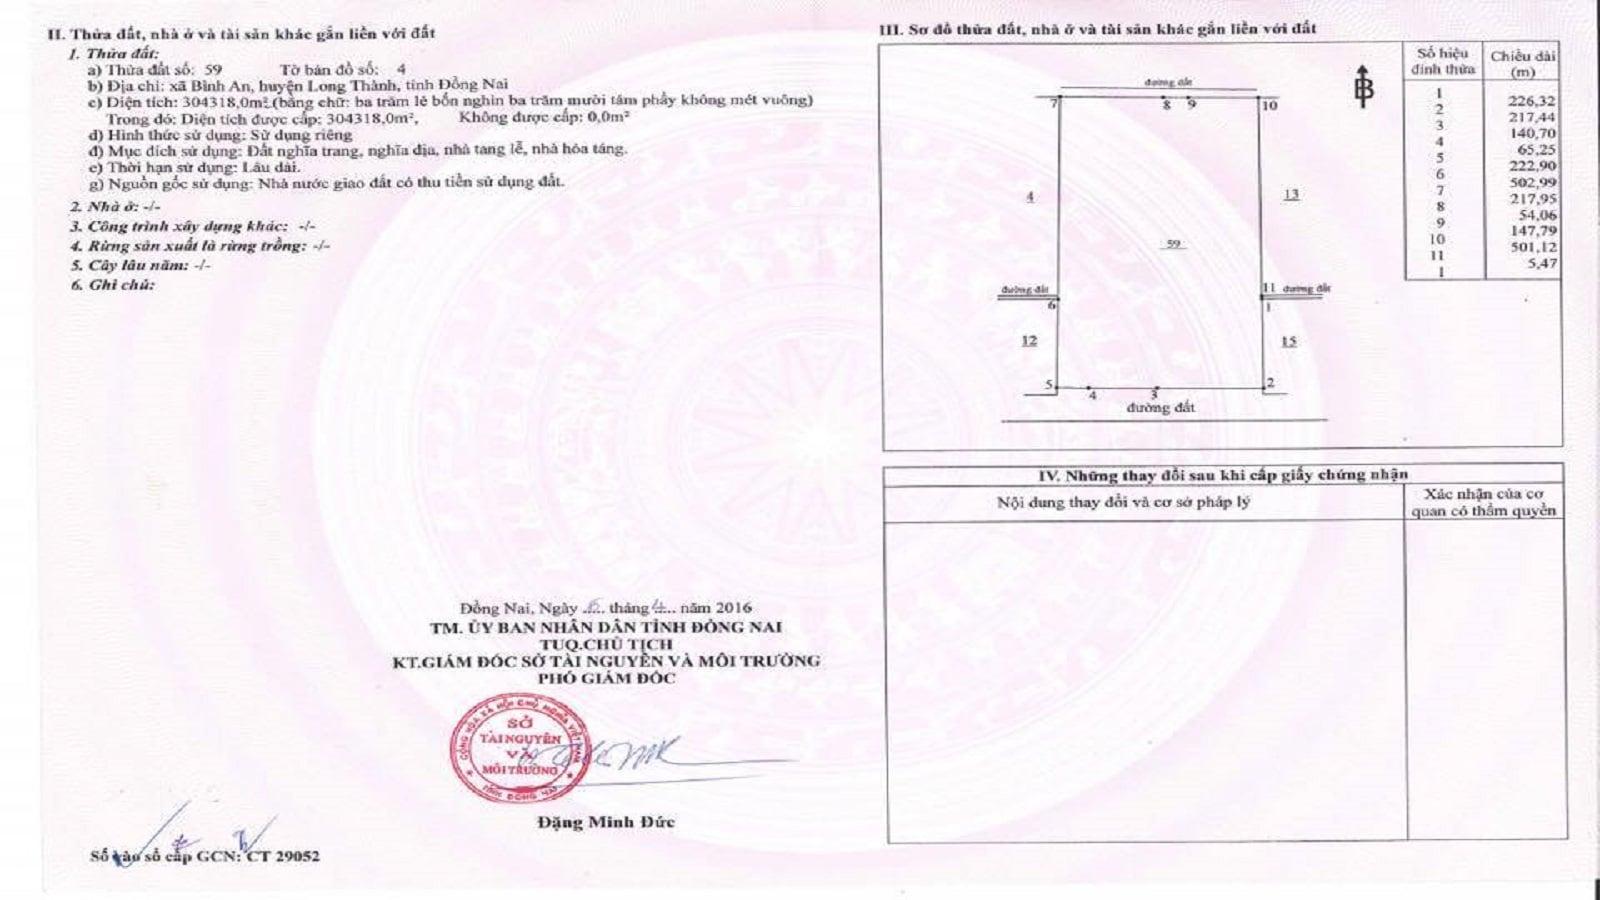 Hoa viên Bình An Vĩnh Nghiêm được thanh toán 100% tiền đất, sổ hồng đầy đủ